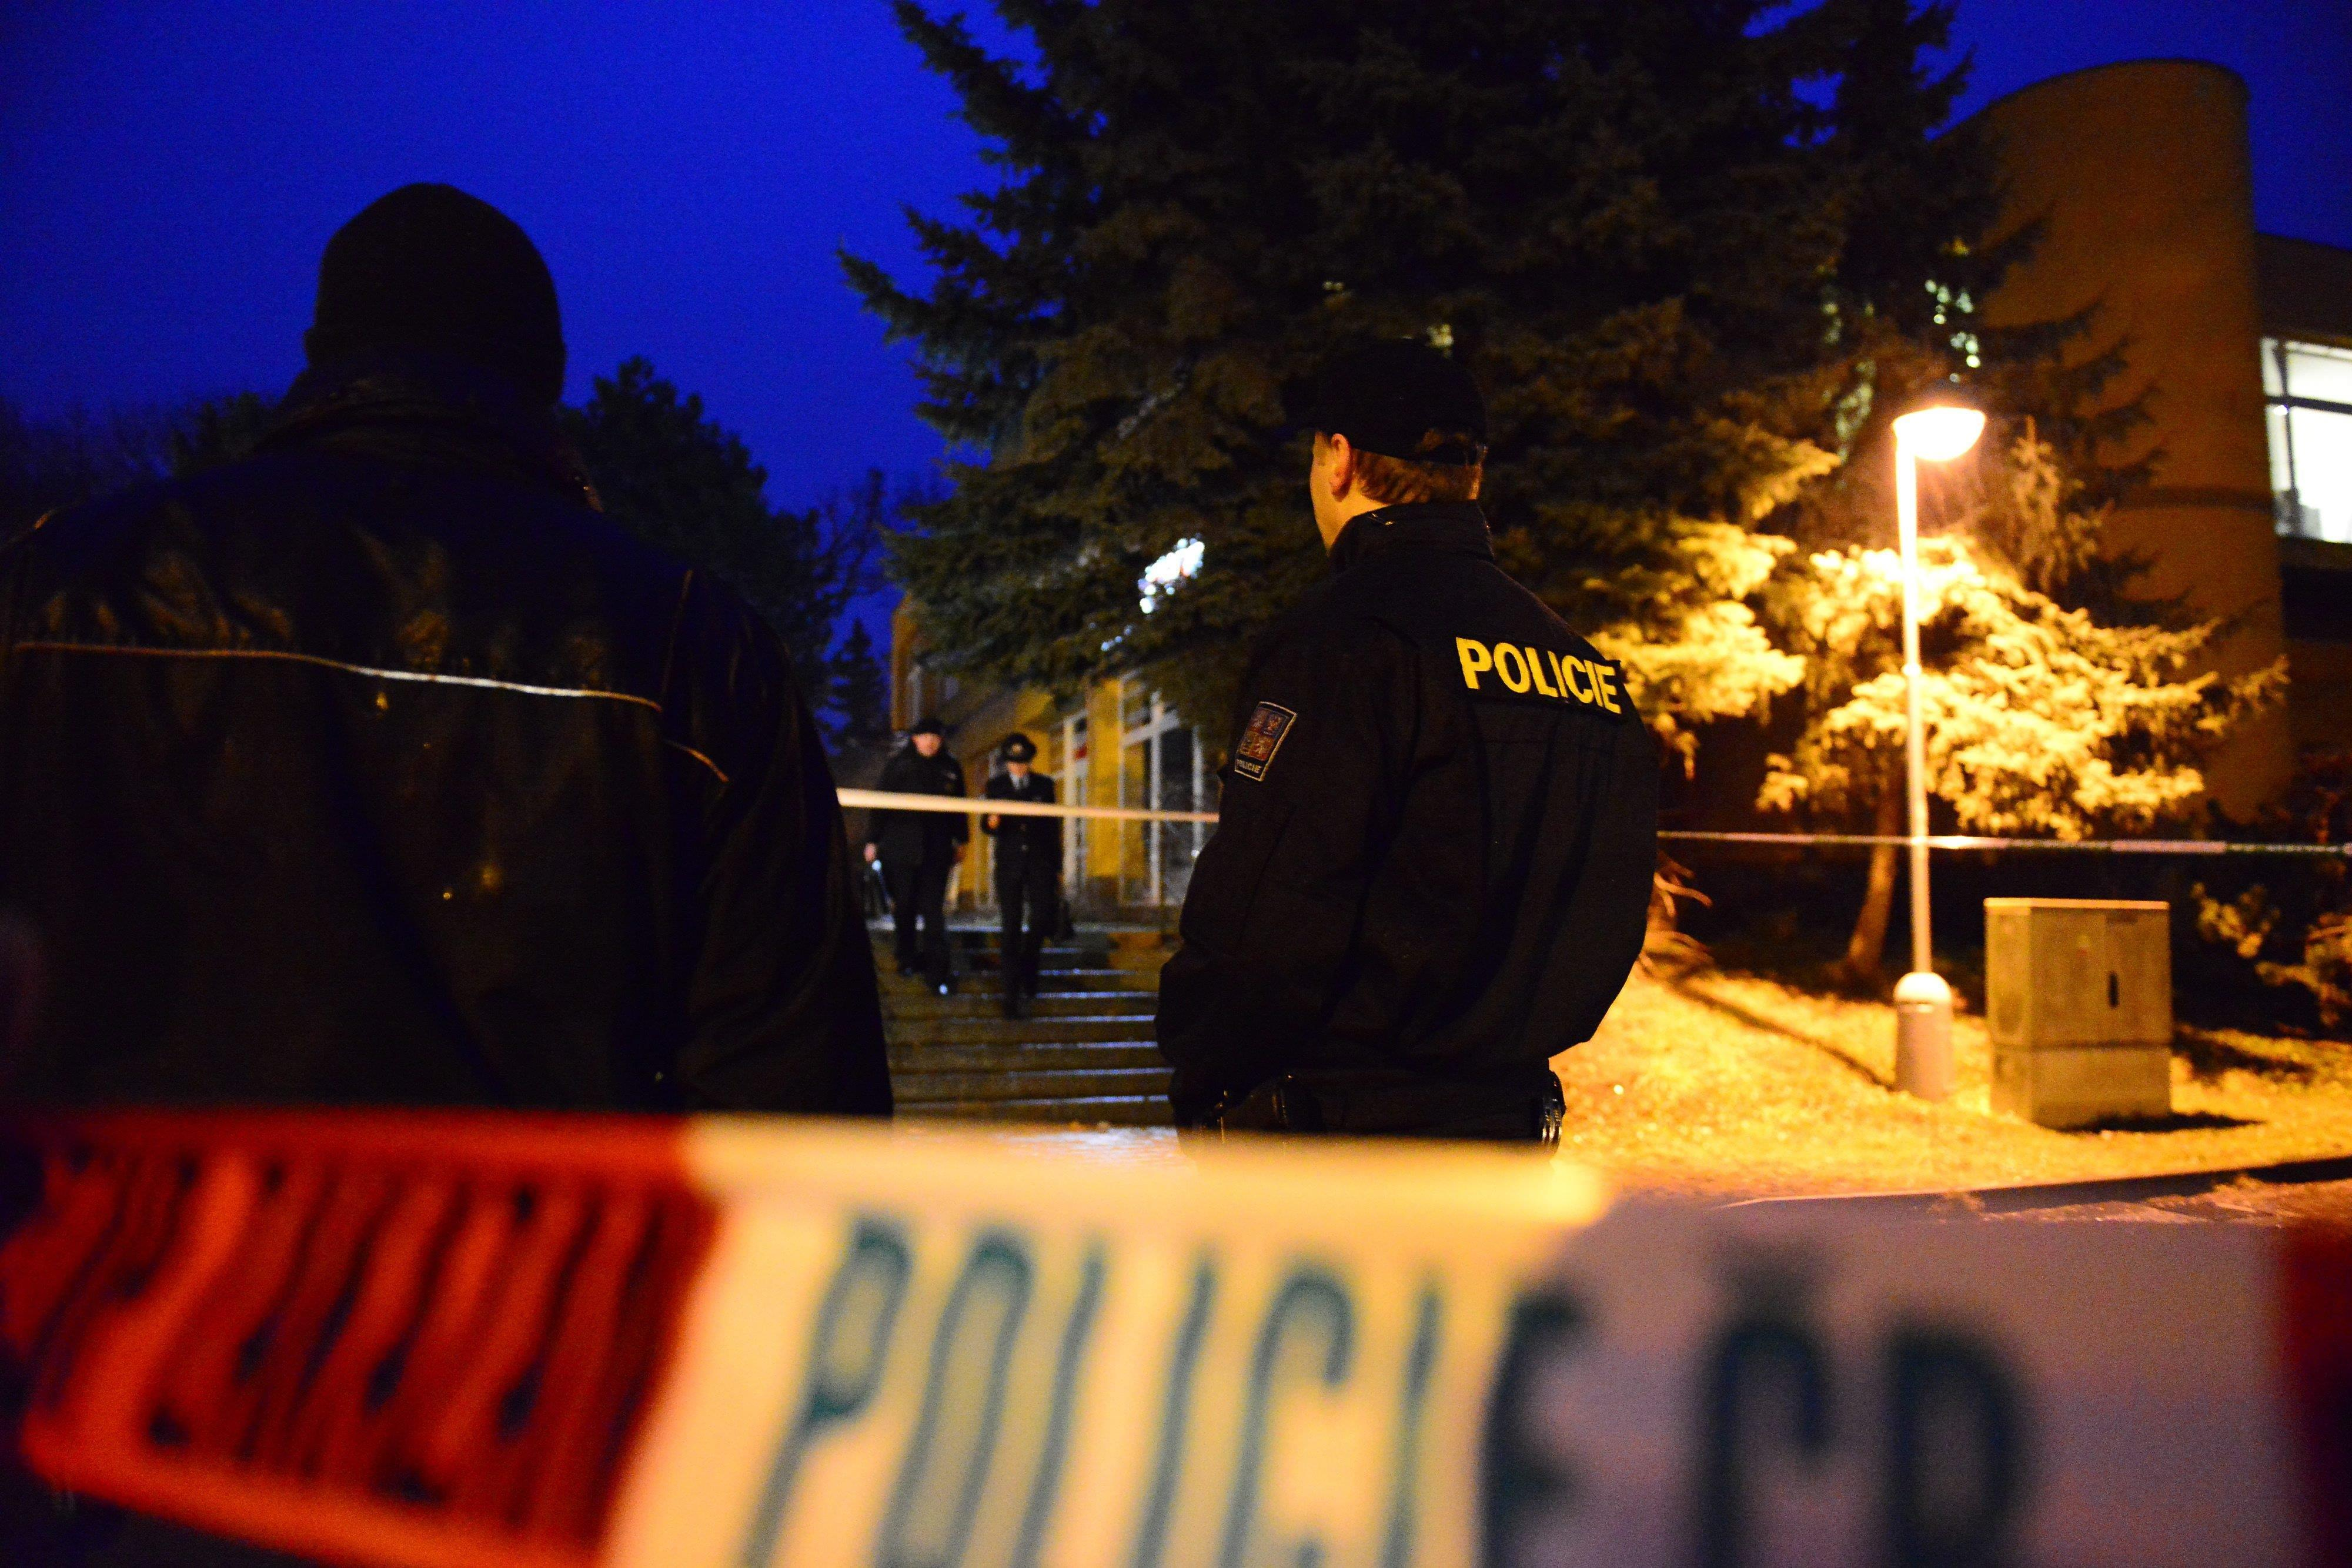 Thị trưởng Patrik Kuncar cho biết nghi can là cư dân của thị trấn. Người này mang theo 2 khẩu súng và xả 25 phát đạn trong nhà hàng.